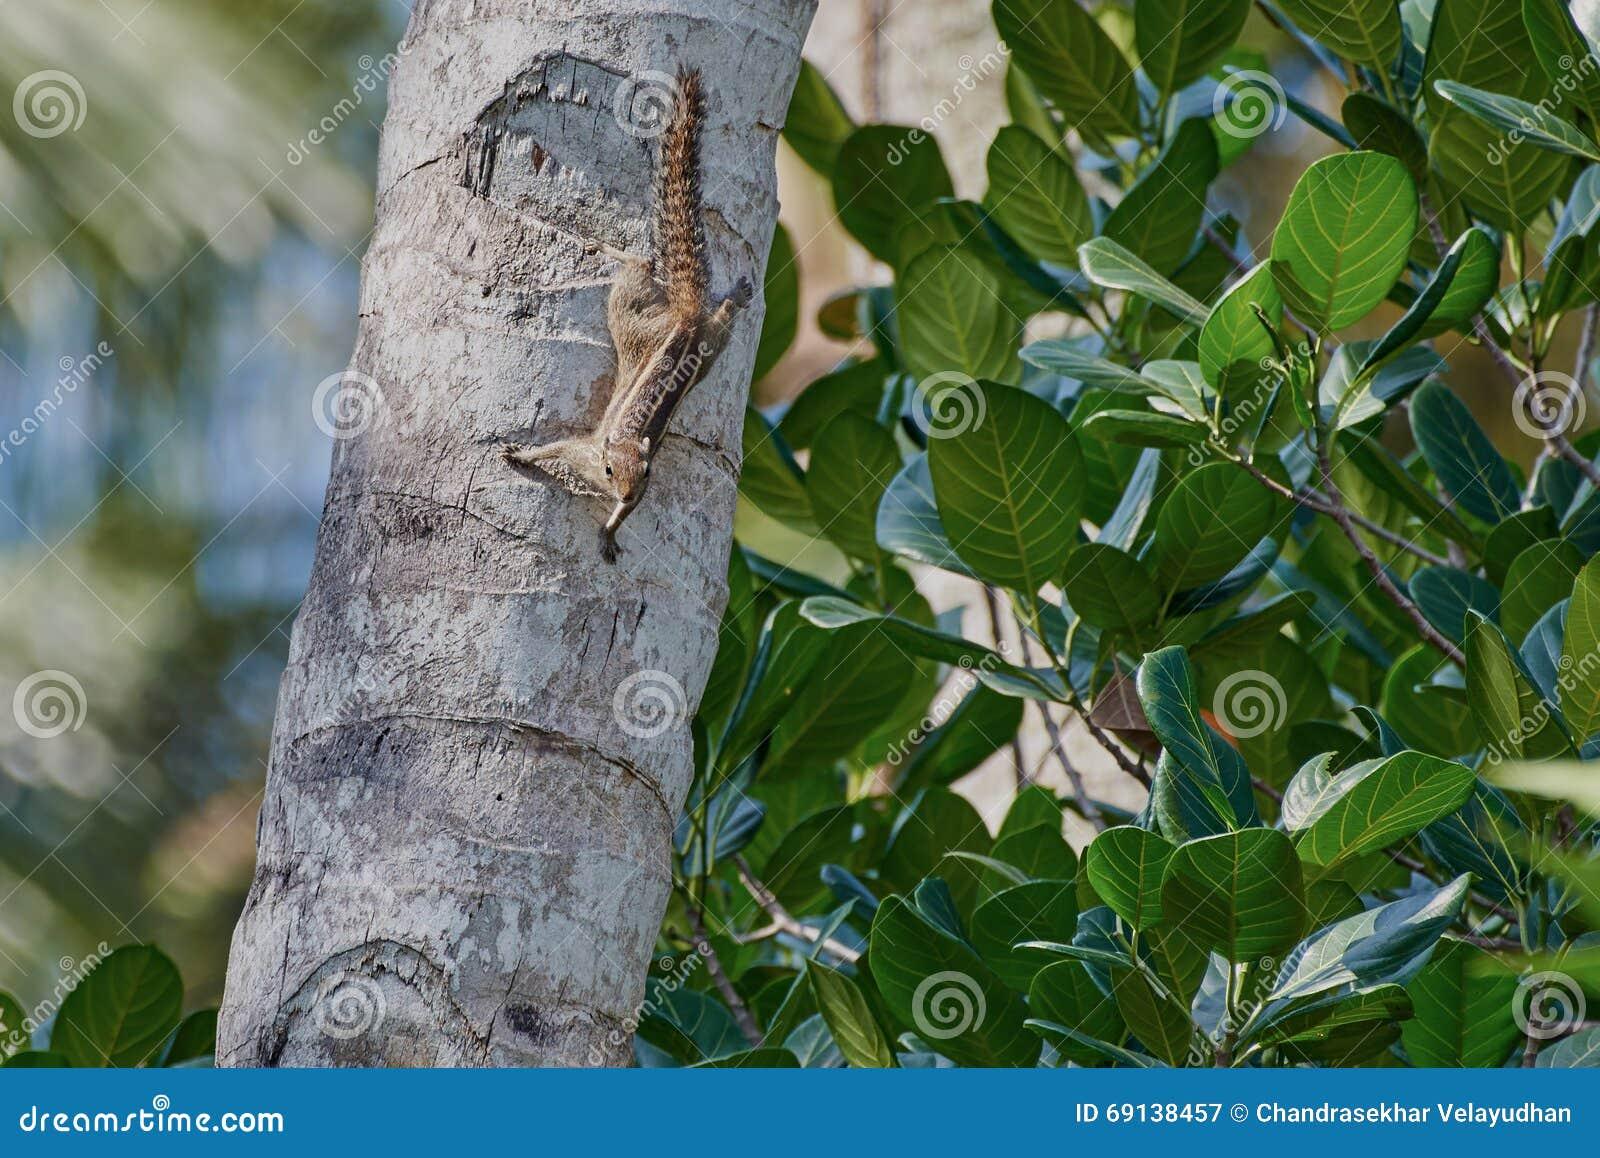 Eichhörnchen auf einem Kokosnussbaumstamm, der wachsam schaut